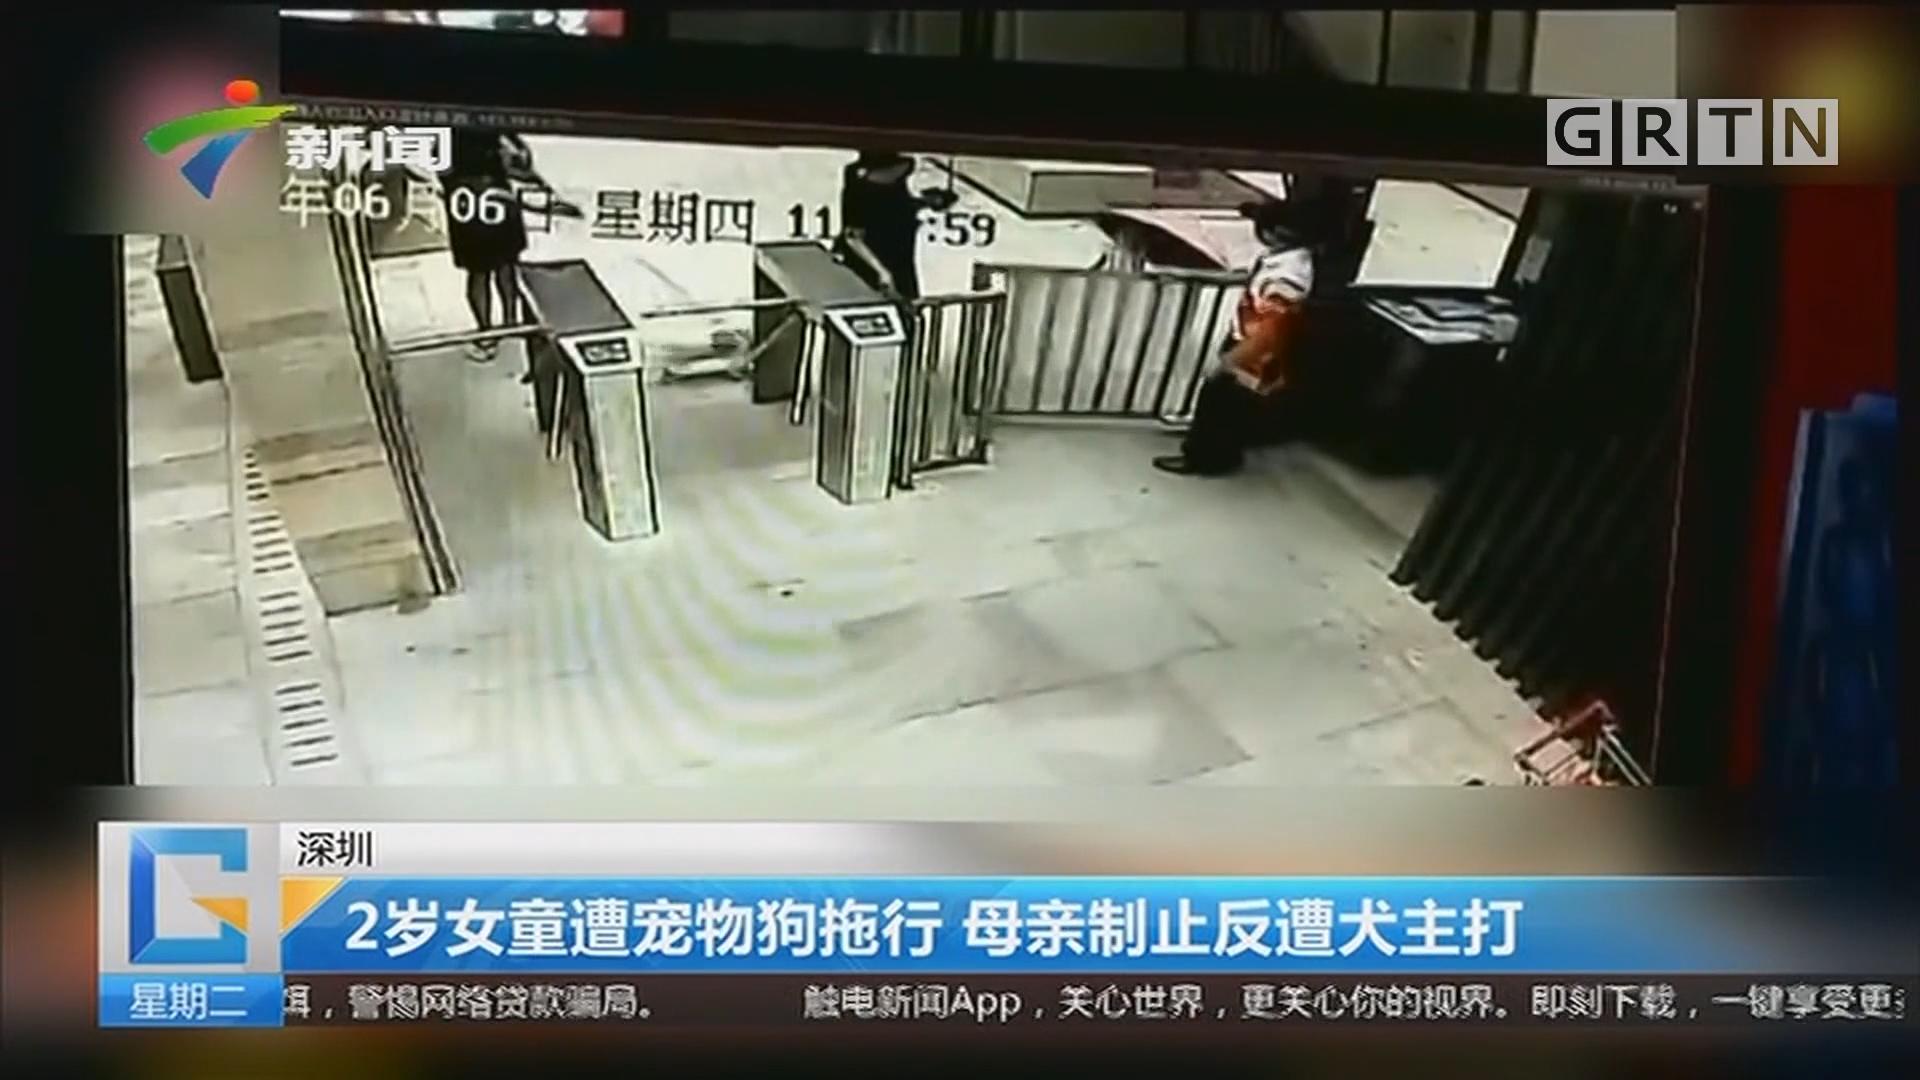 深圳:2岁女童遭宠物狗拖行 母亲制止反遭犬主打